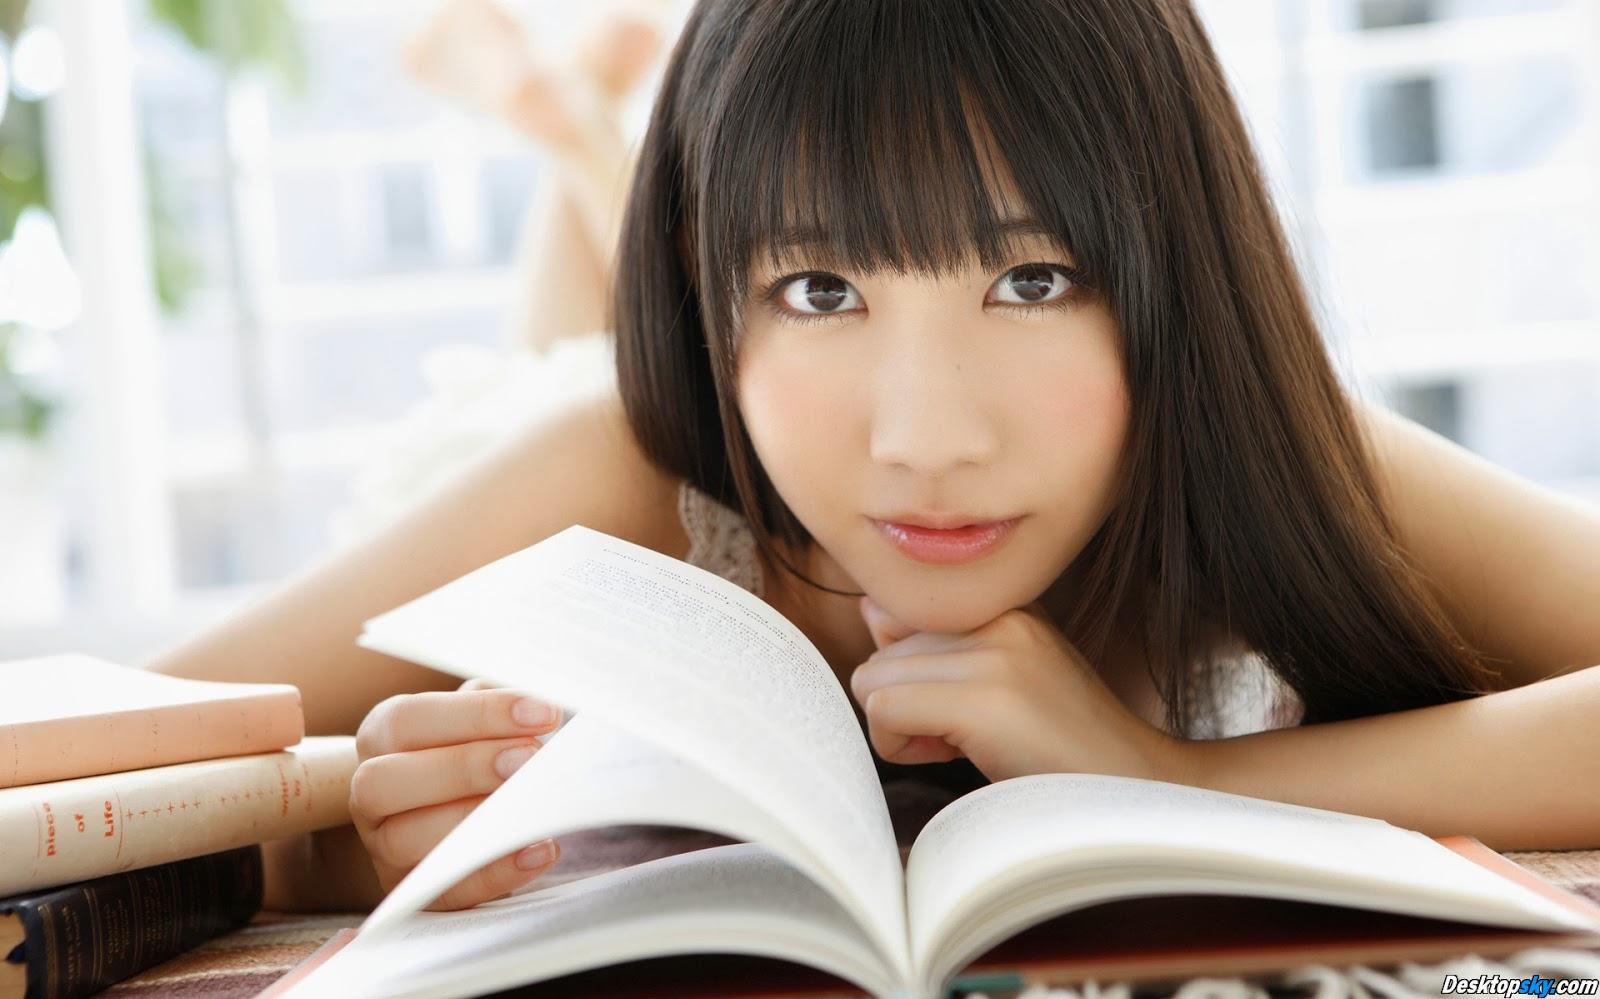 сайты знакомств с японской девушкой